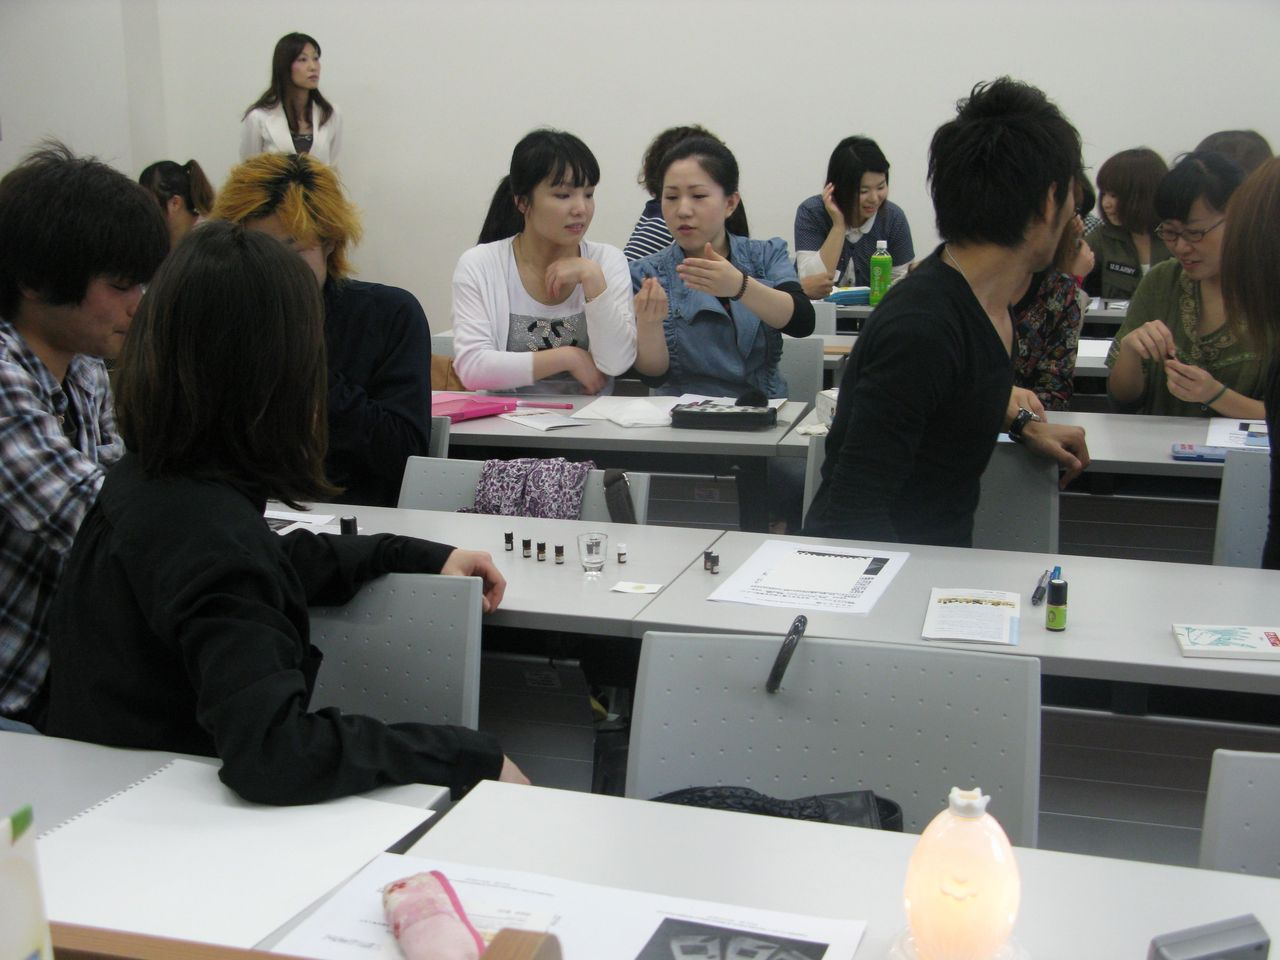 神戸夙川学院大学アロマテラピー講義・これは手で扇いで香るのよ